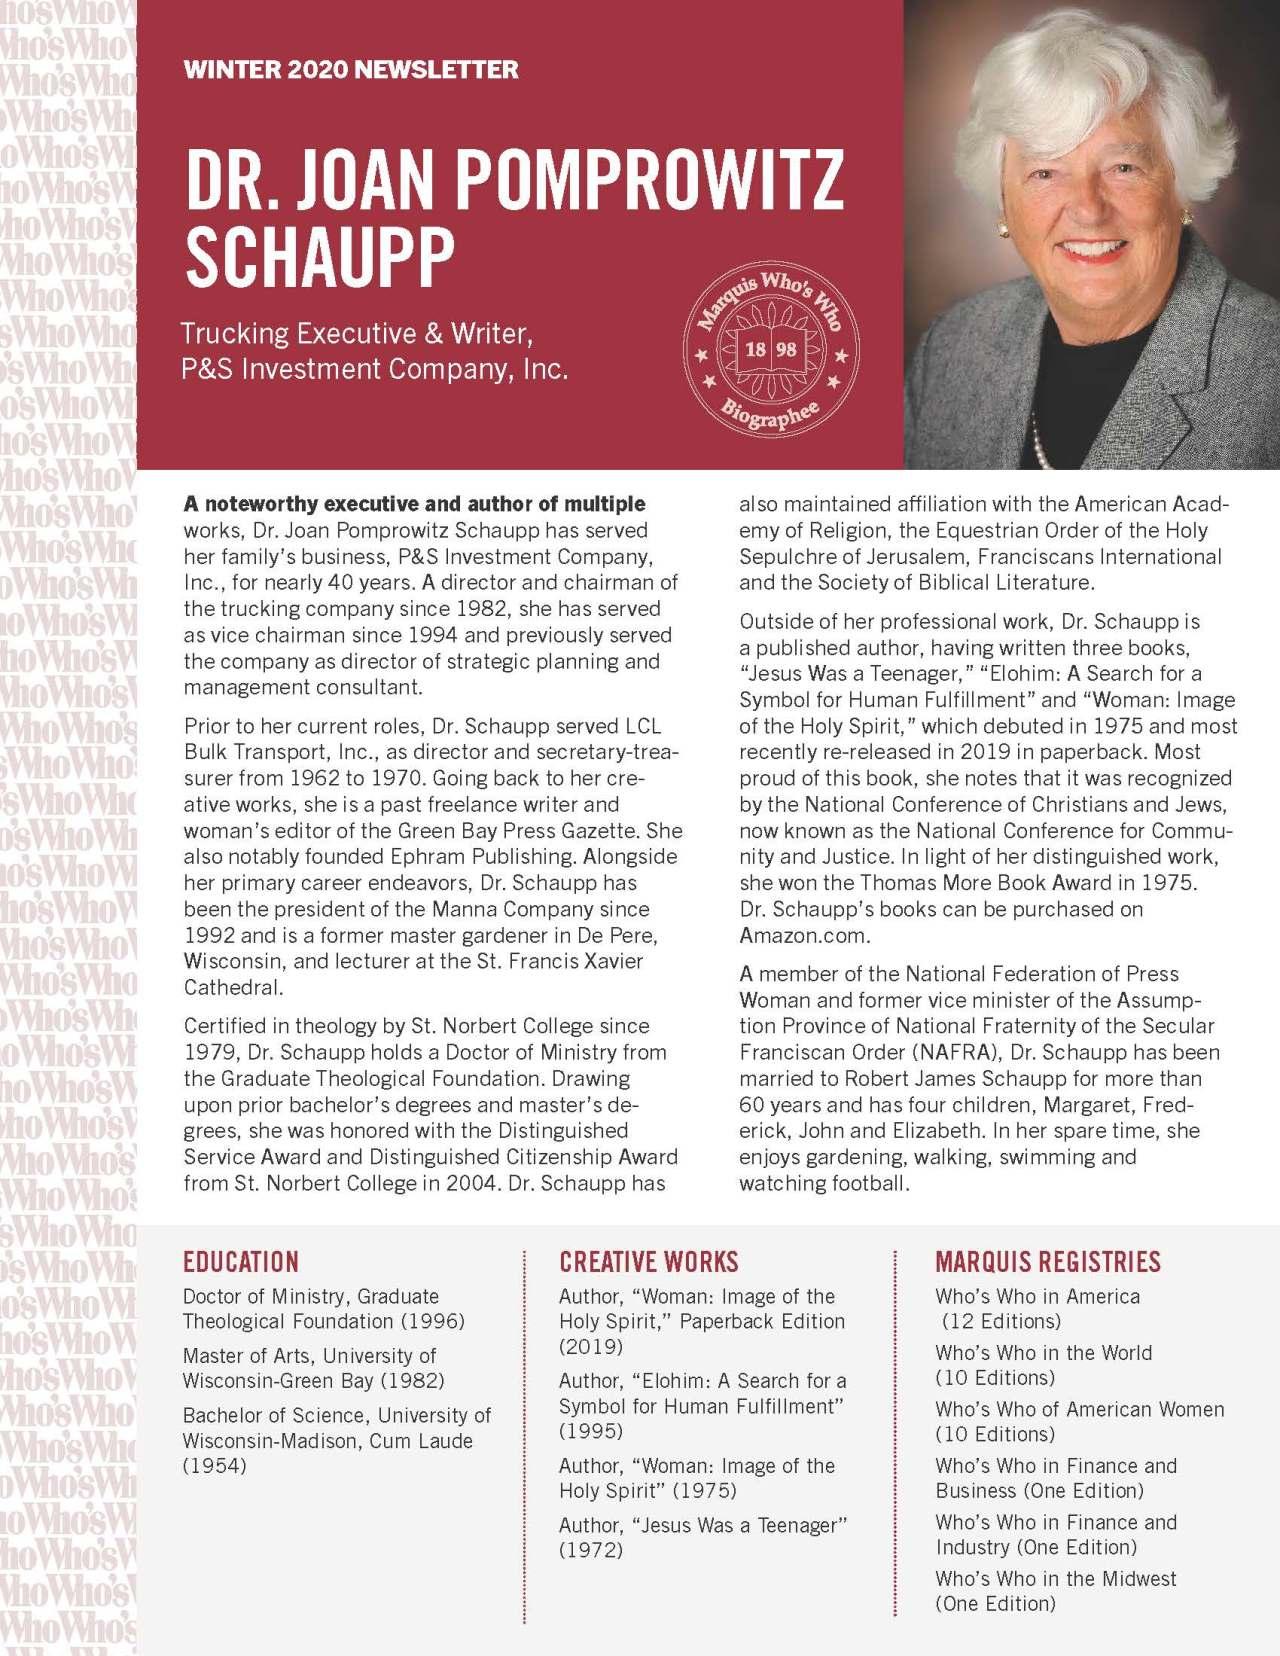 Schaupp, Joan 2206024_22398192 Newsletter